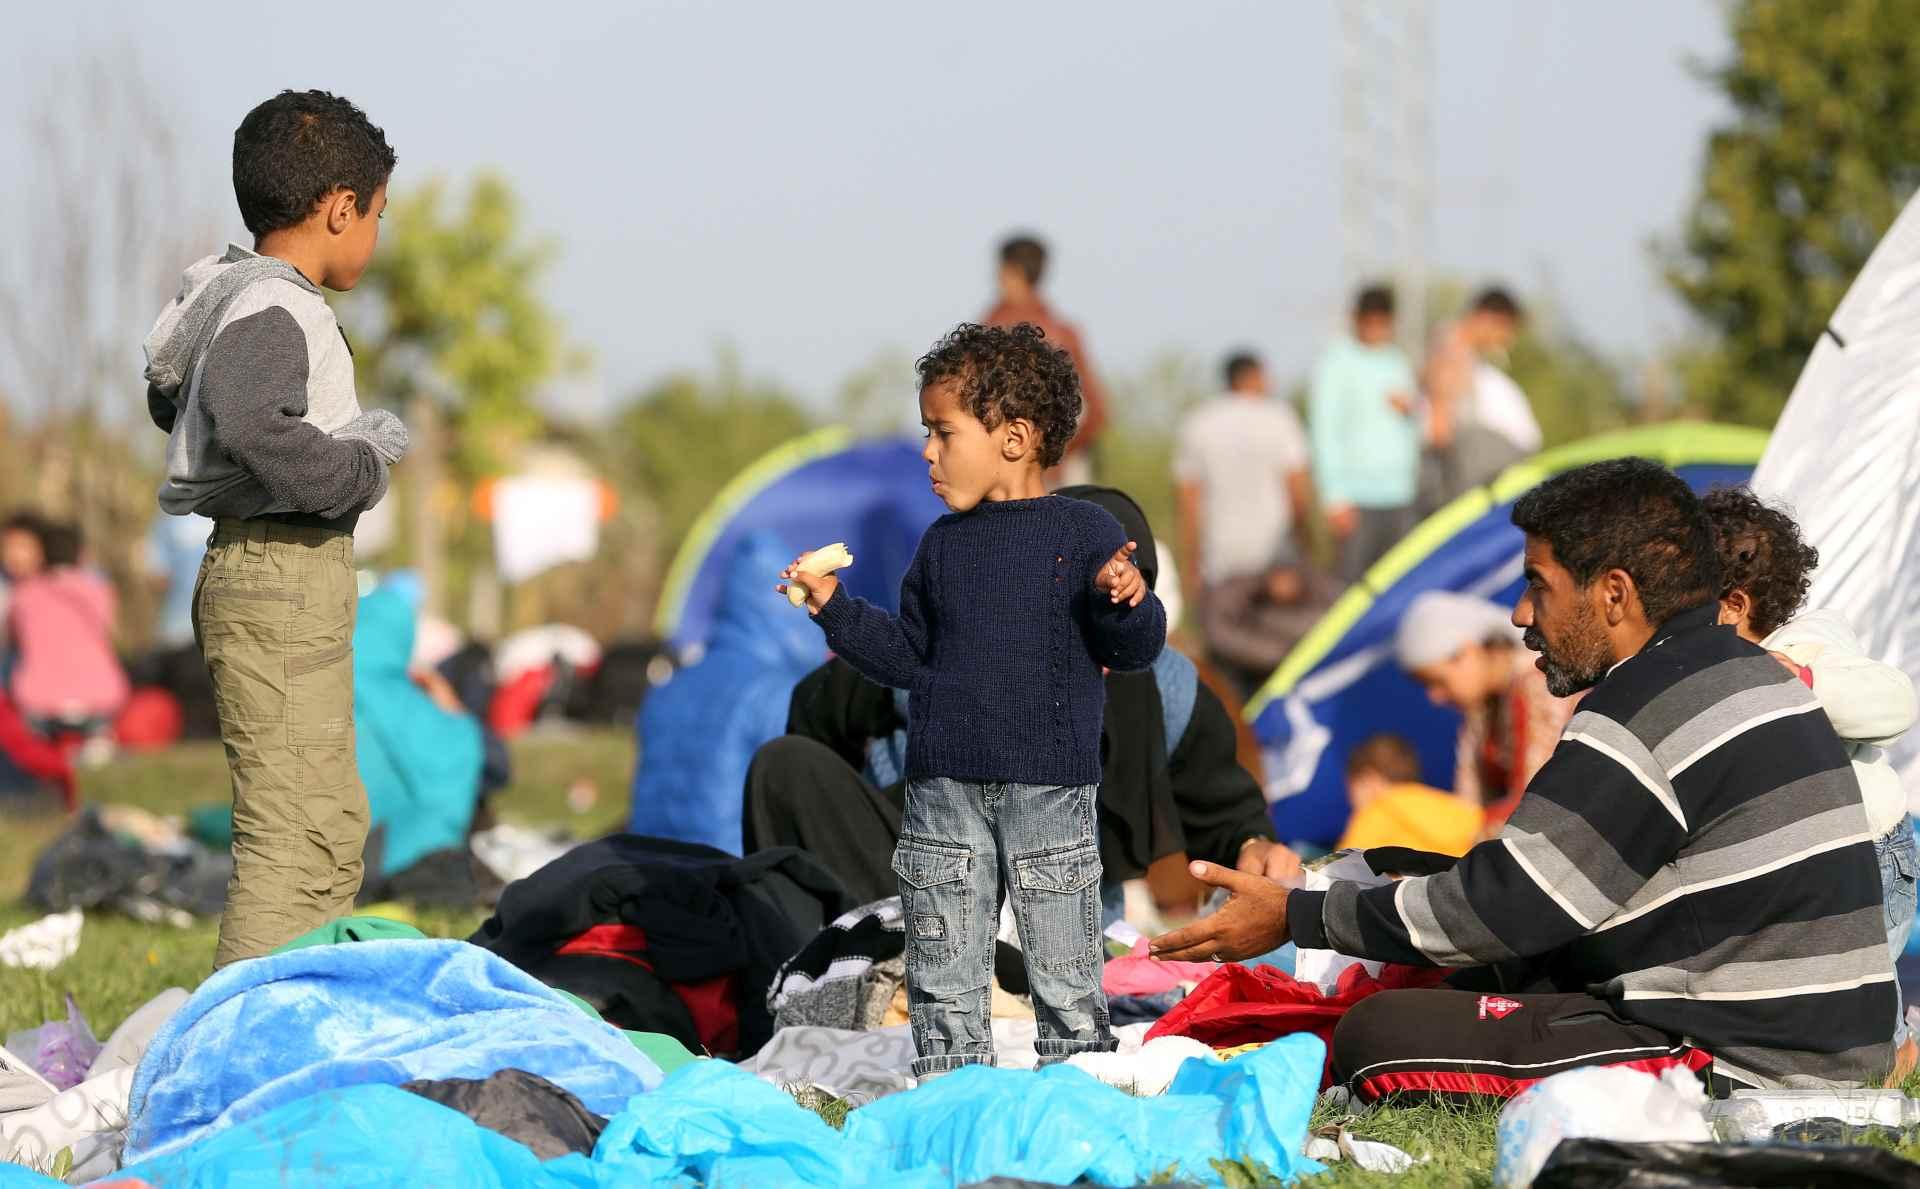 NE POPUŠTAJU: Istočne članice EU-a protiv izbjegličkih kvota